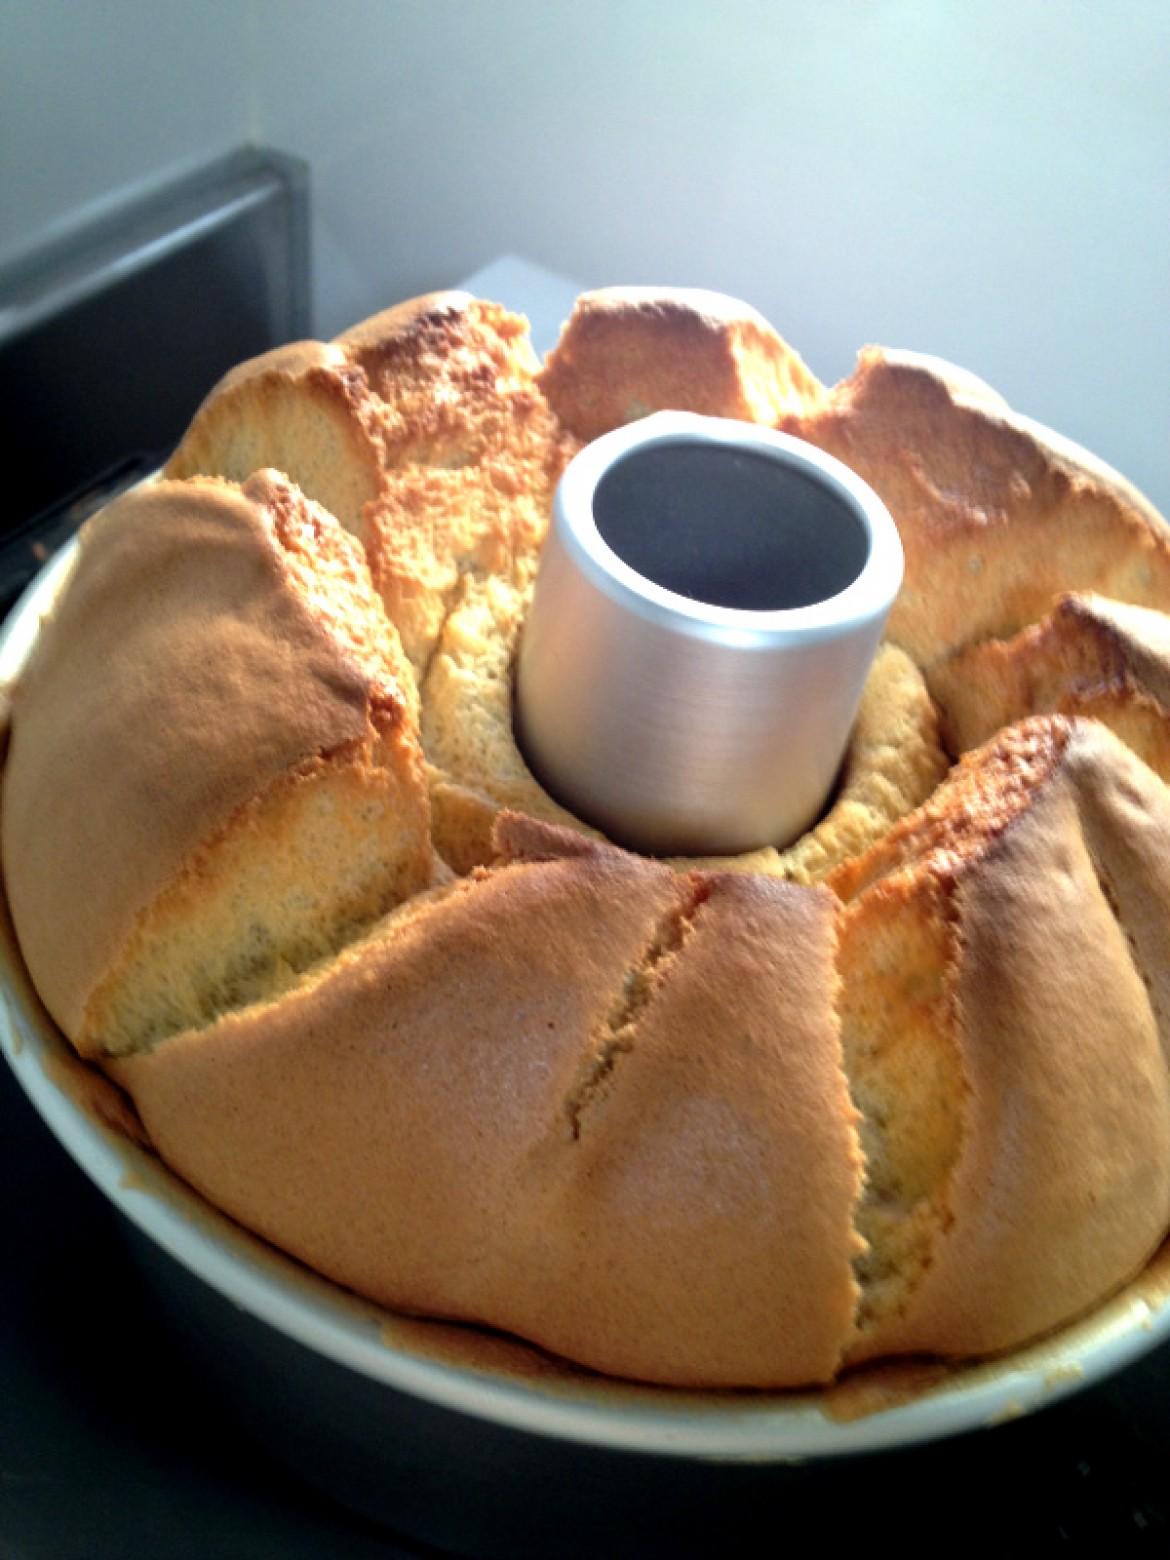 プレーンシフォンケーキが焼きあがりました